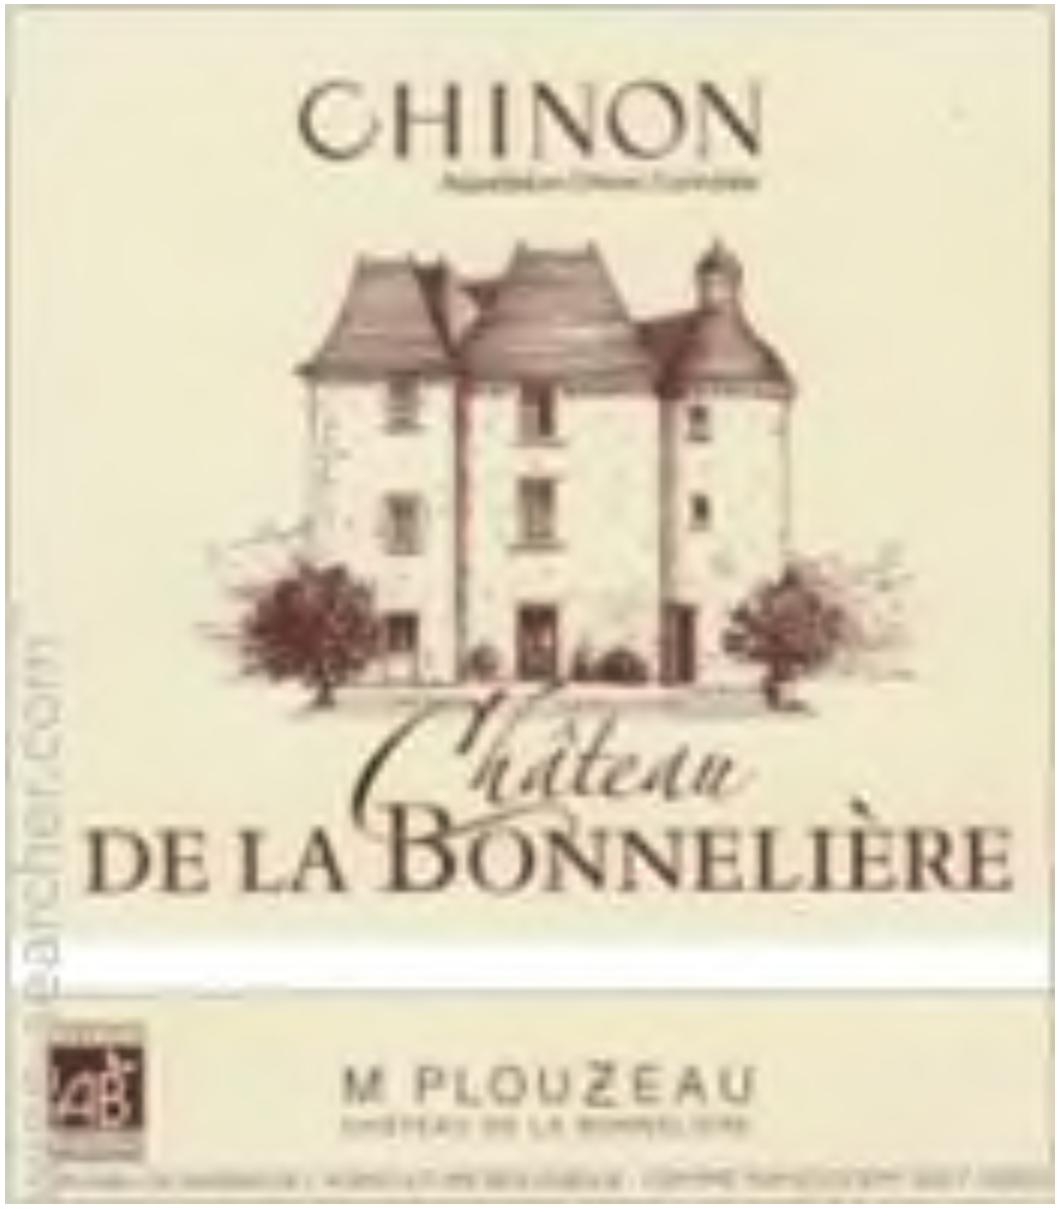 Marc Plouzeau Chateau De La Bonneliere Chinon Les Cornuelles 2017